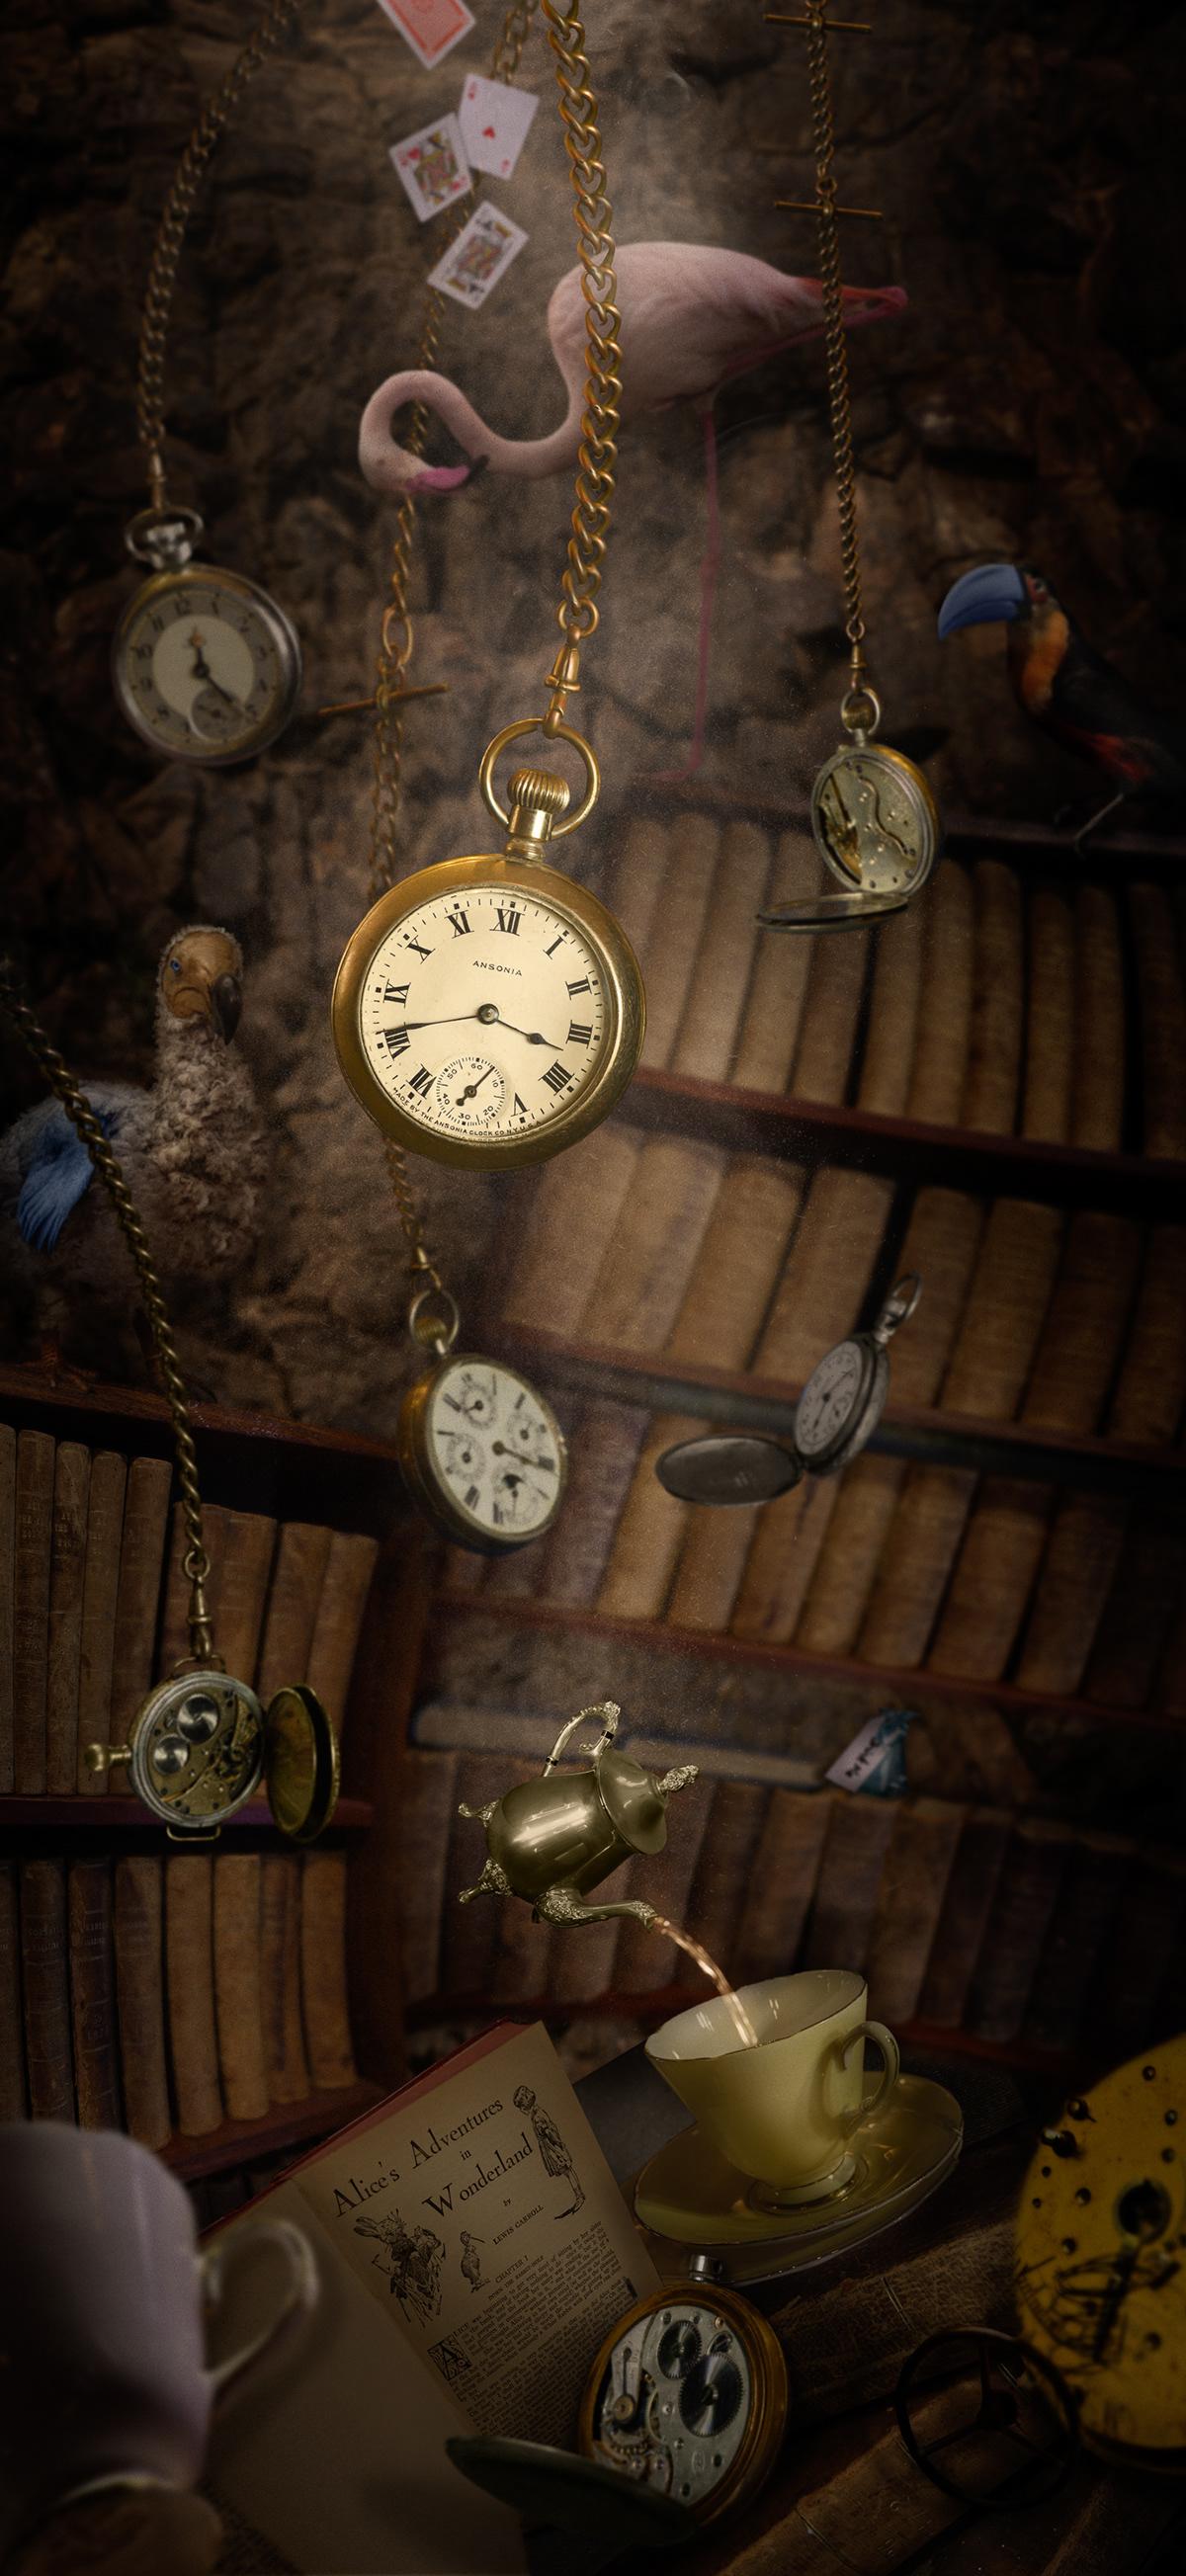 alice alice in wonderland art hotel Mural photoshop wonderland